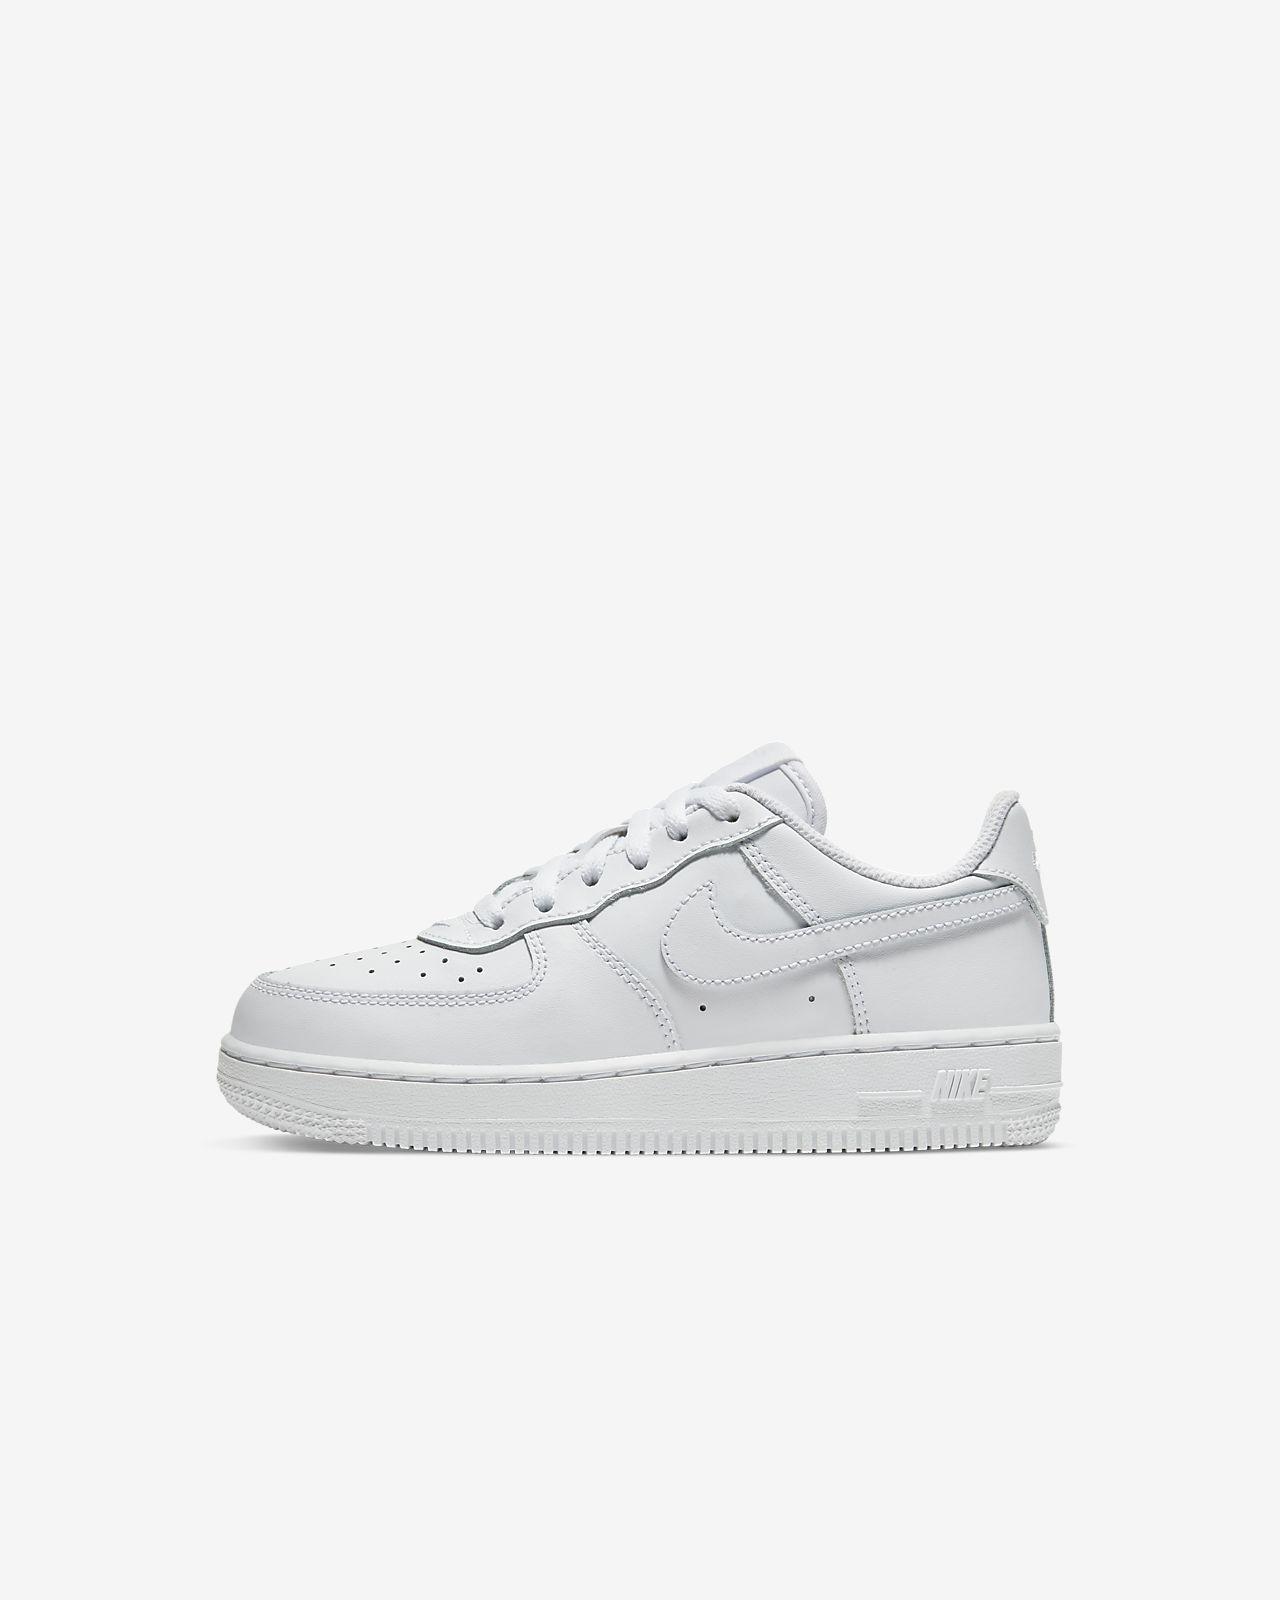 Sko Nike Force 1 för barn